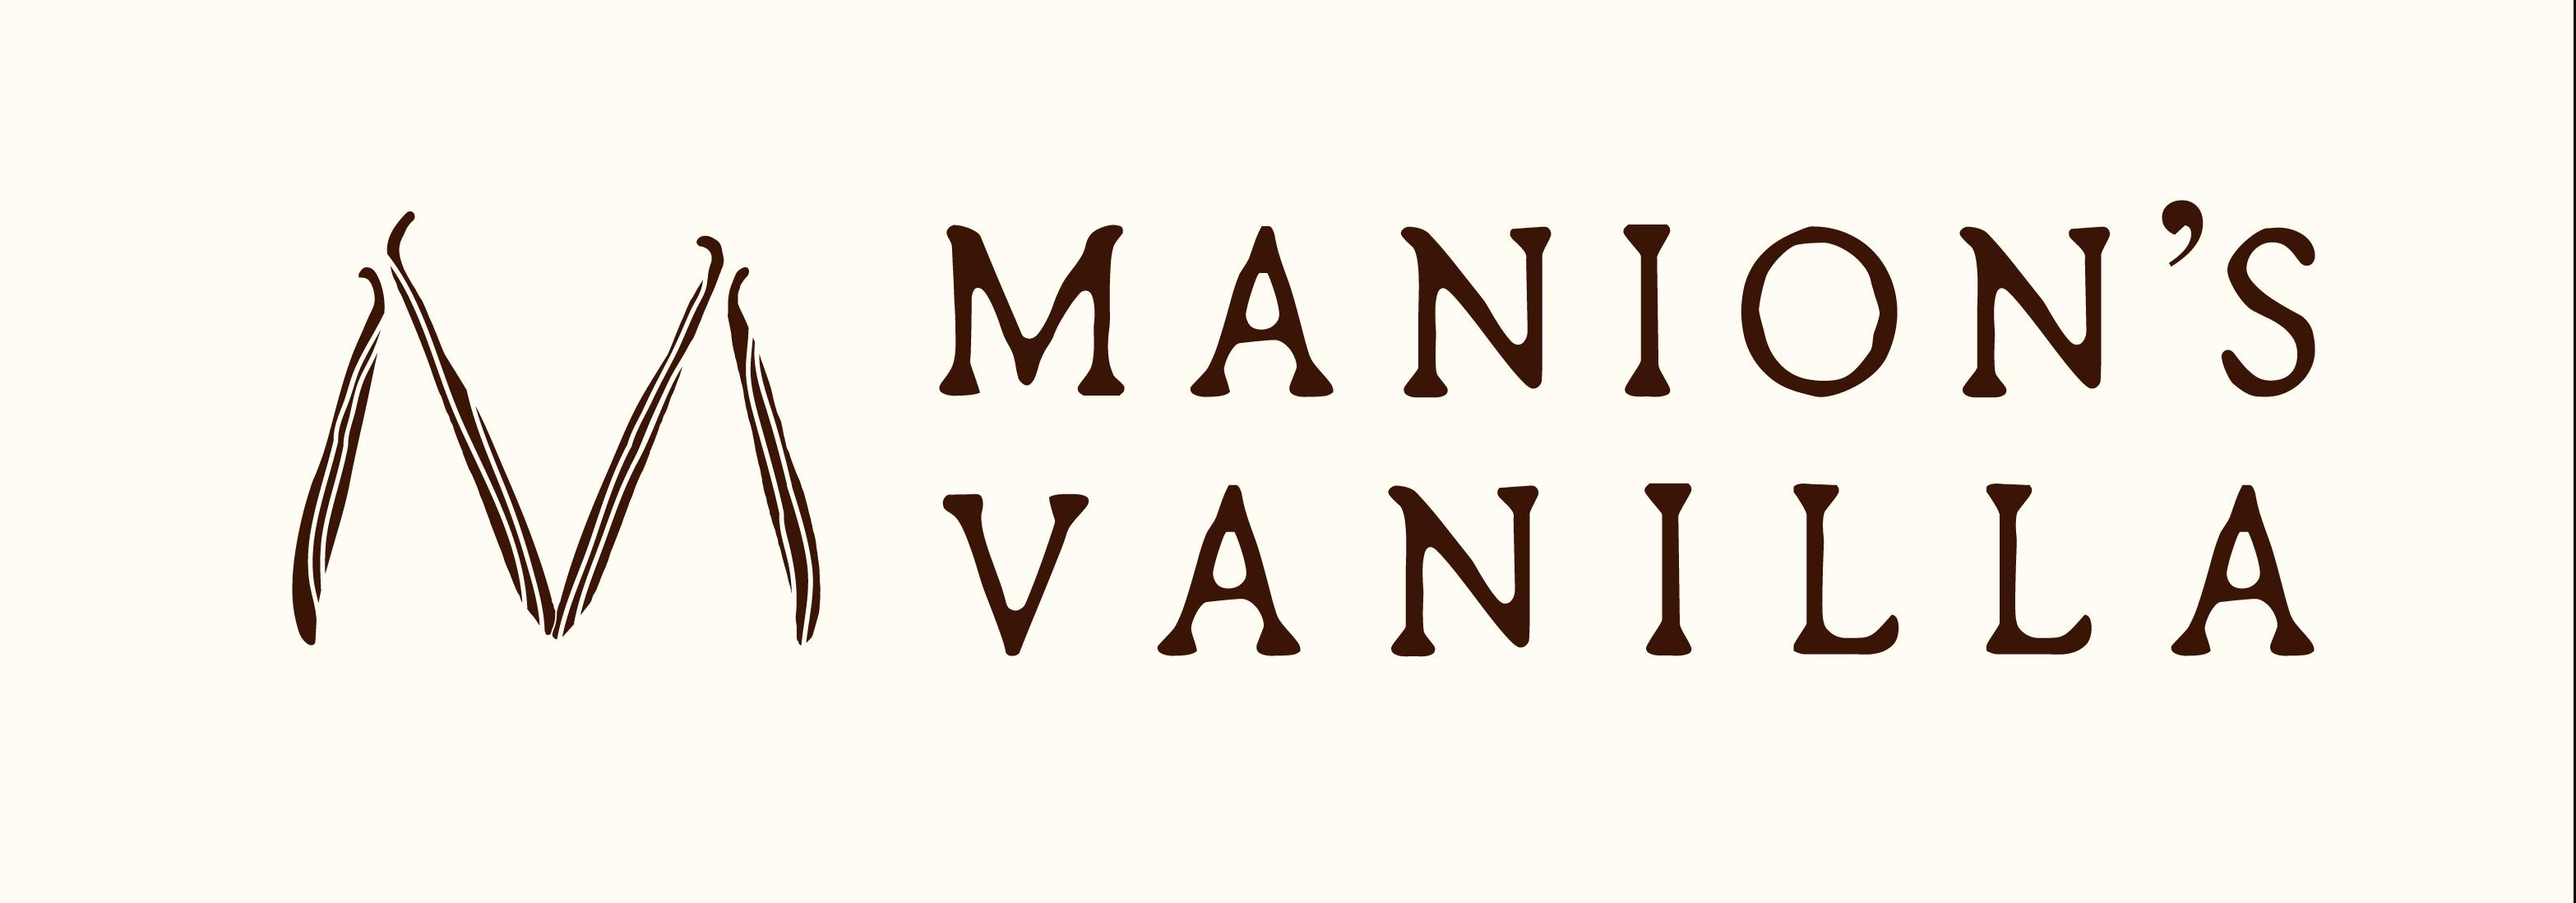 Manion's Vanilla